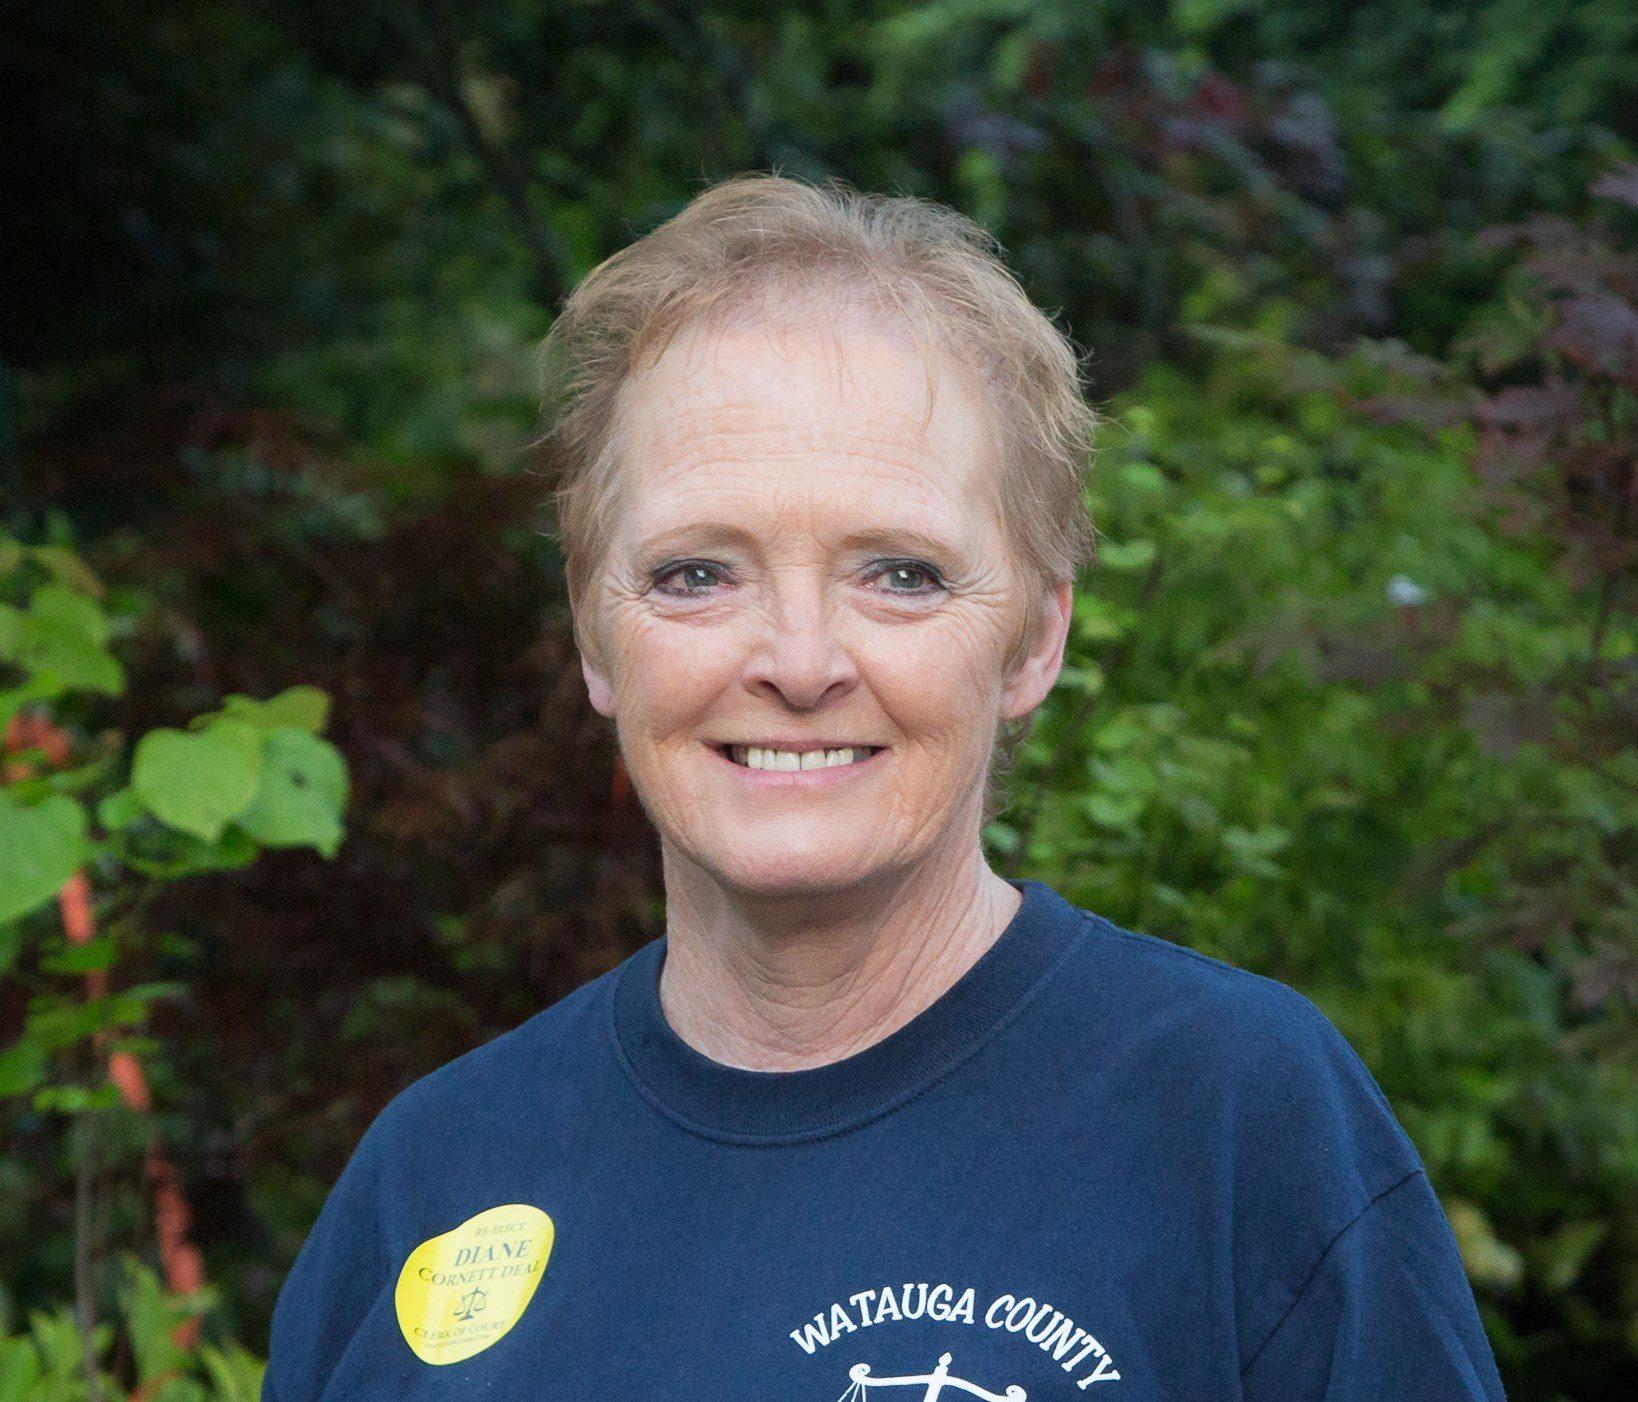 Diane Cornett Deal announces retirement from Clerk of Superior Court